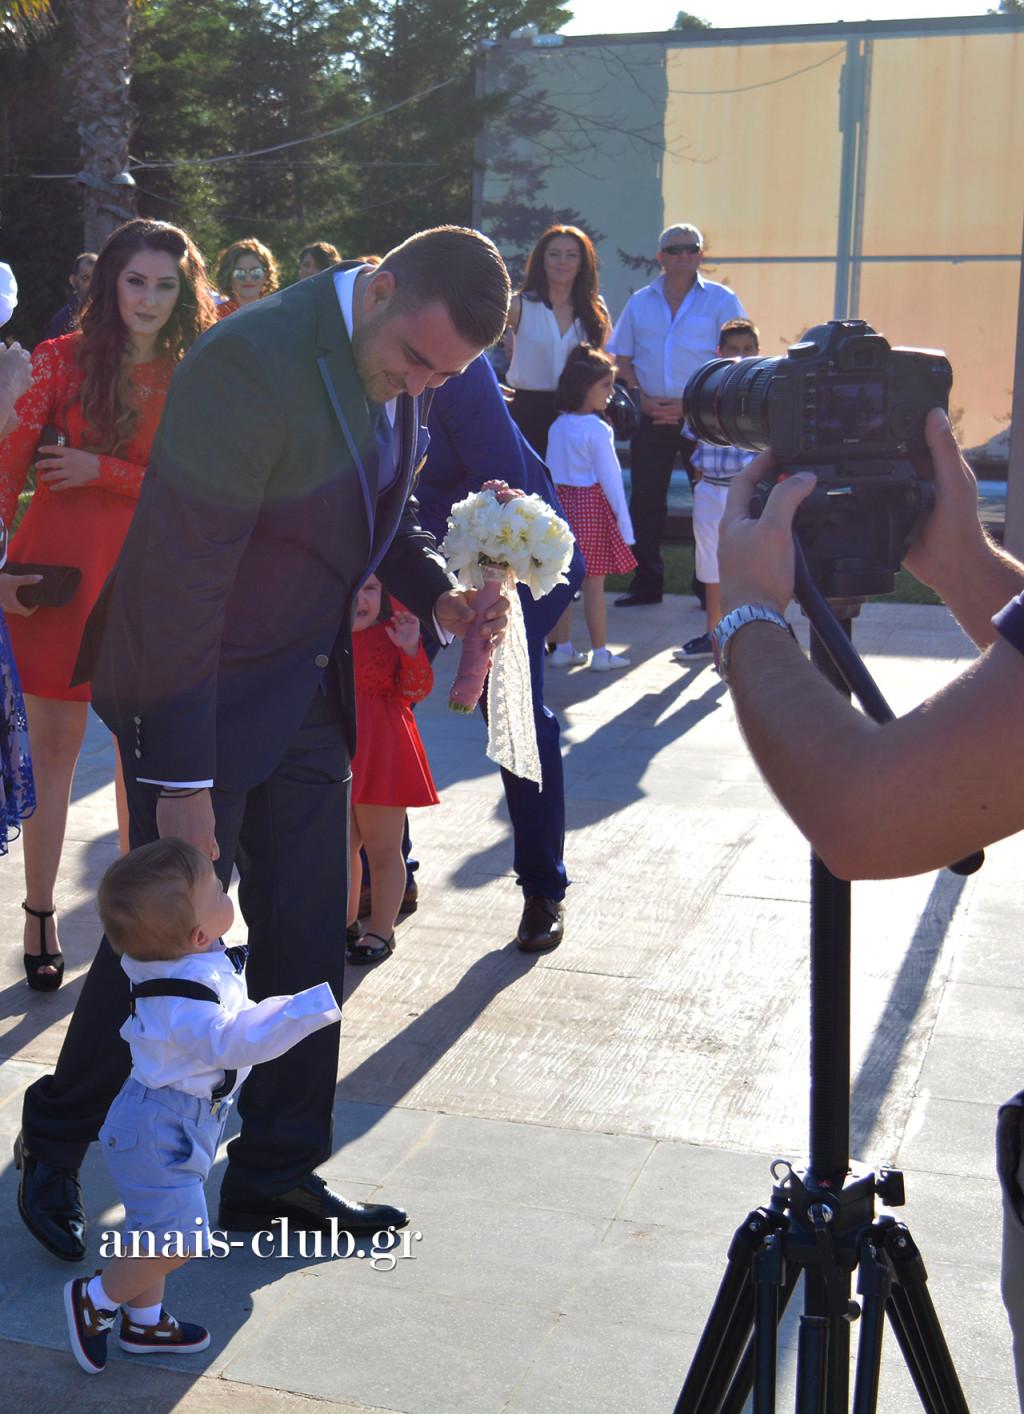 Όταν δεν είσαι απλά γαμπρός, αλλά και μπαμπάς.... κάνεις και βόλτες με τον γιο σου!